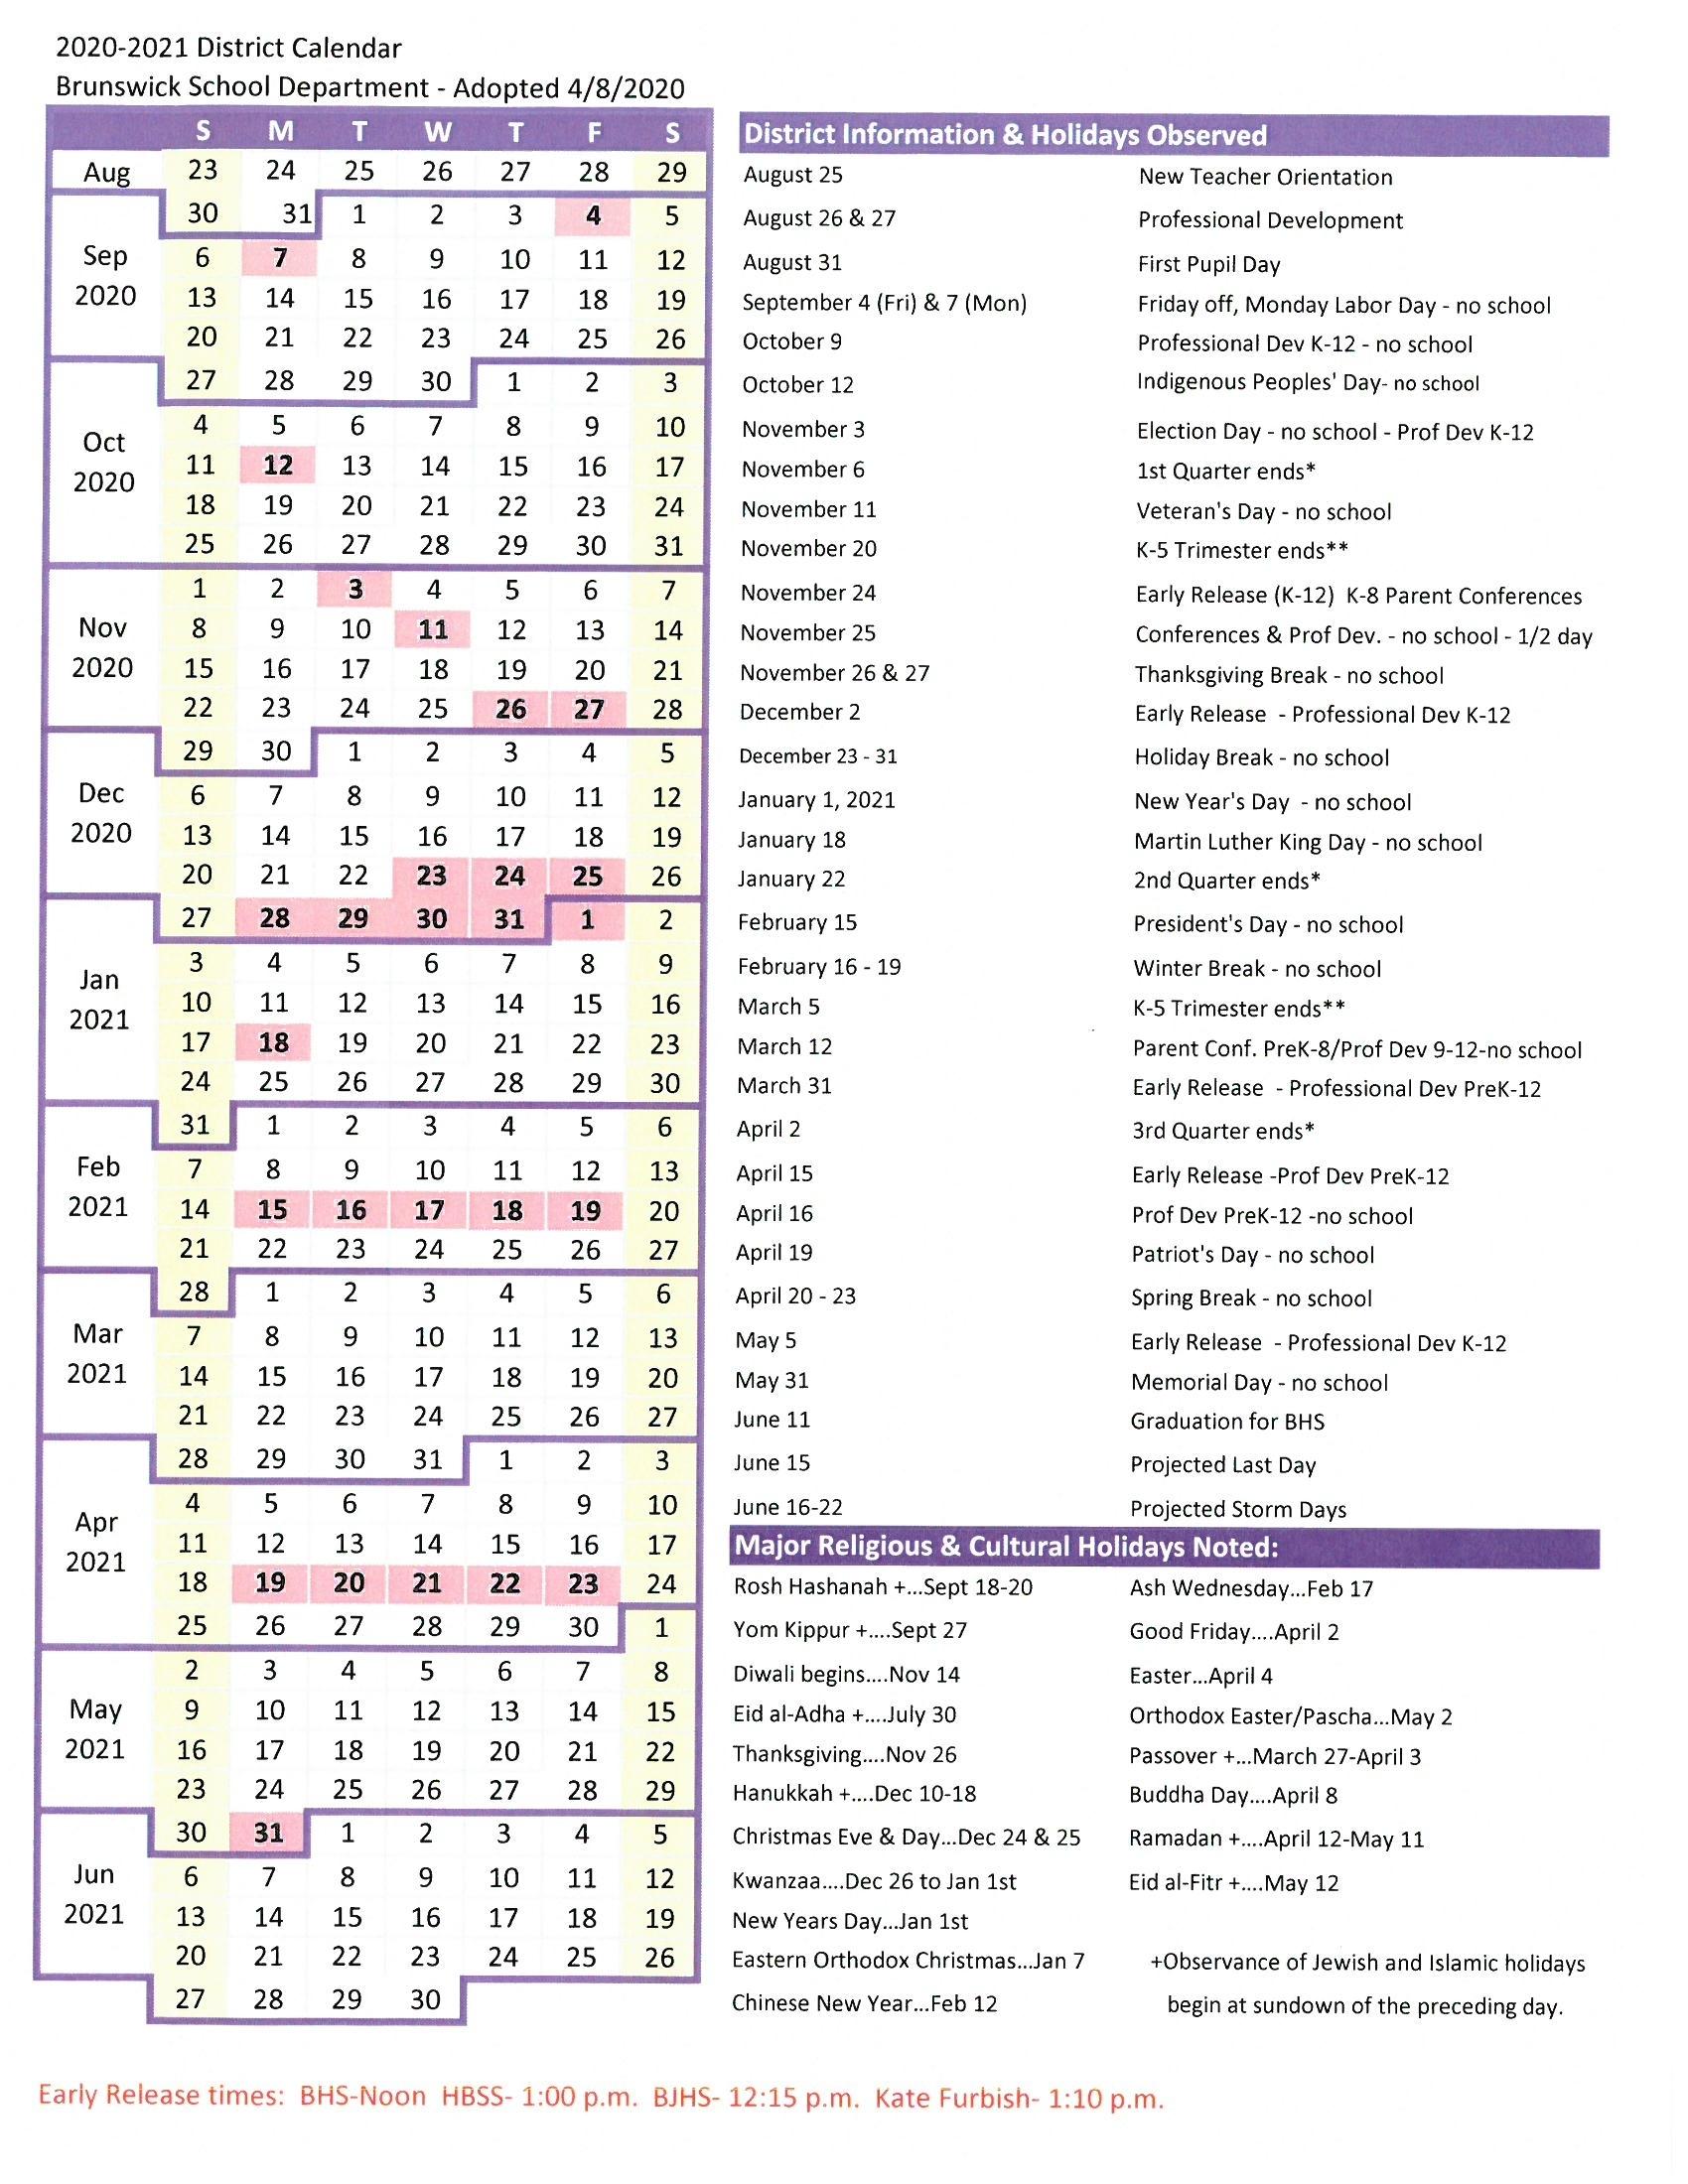 Hca Payroll Calendar 2021 | Payroll Calendar 2021